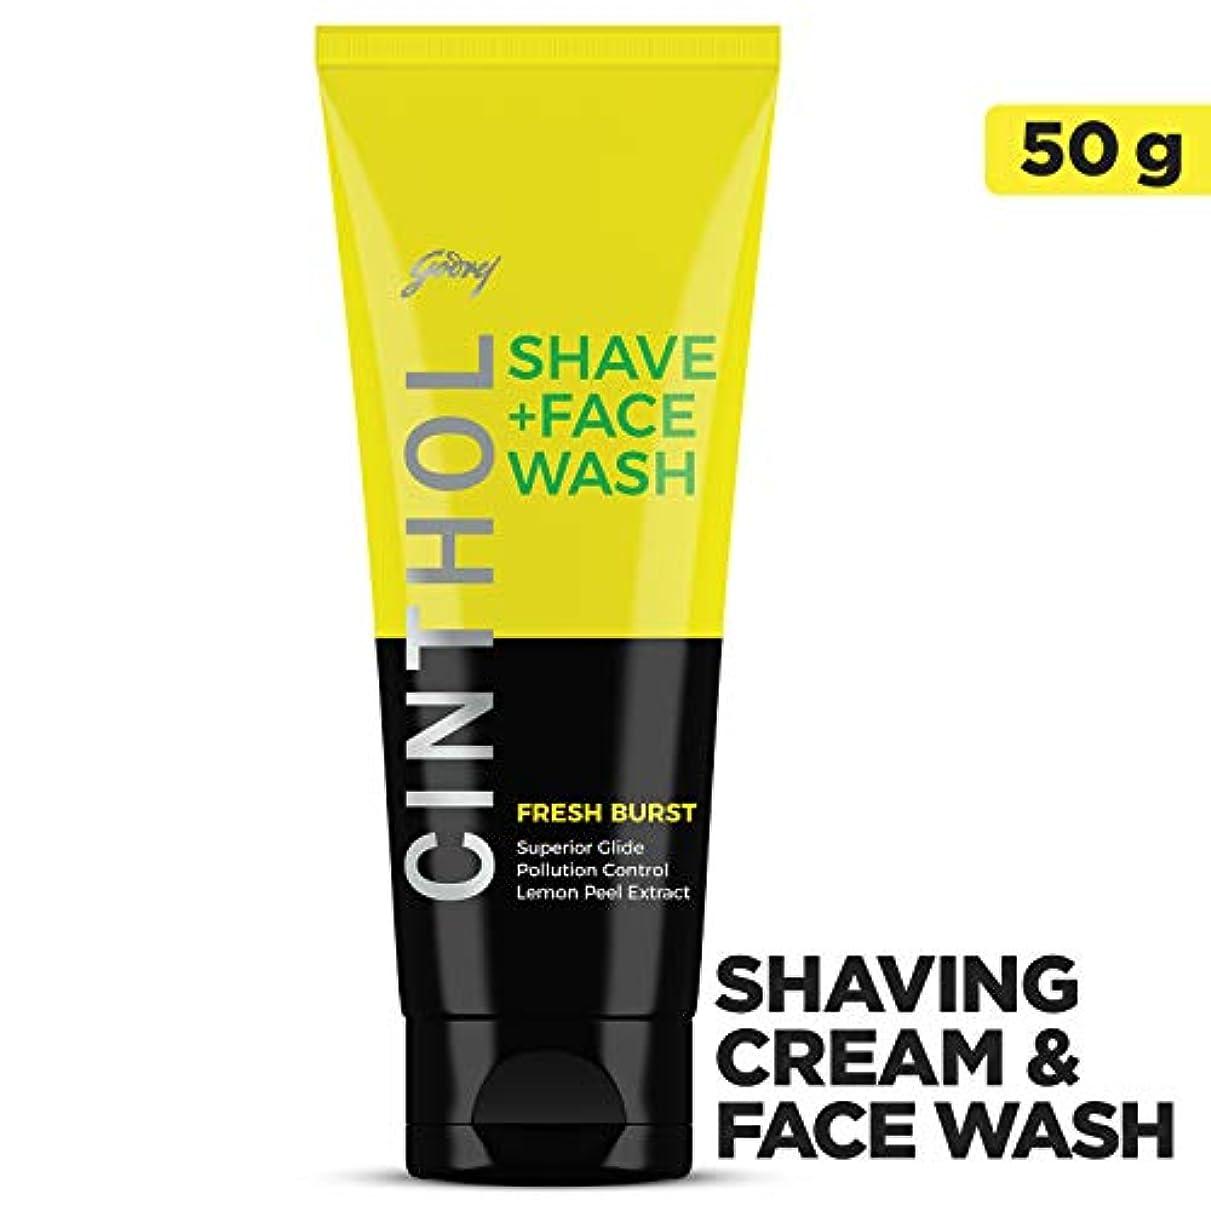 値下げ連隊横向きCinthol Fresh Burst Shaving + Face Wash, 50g